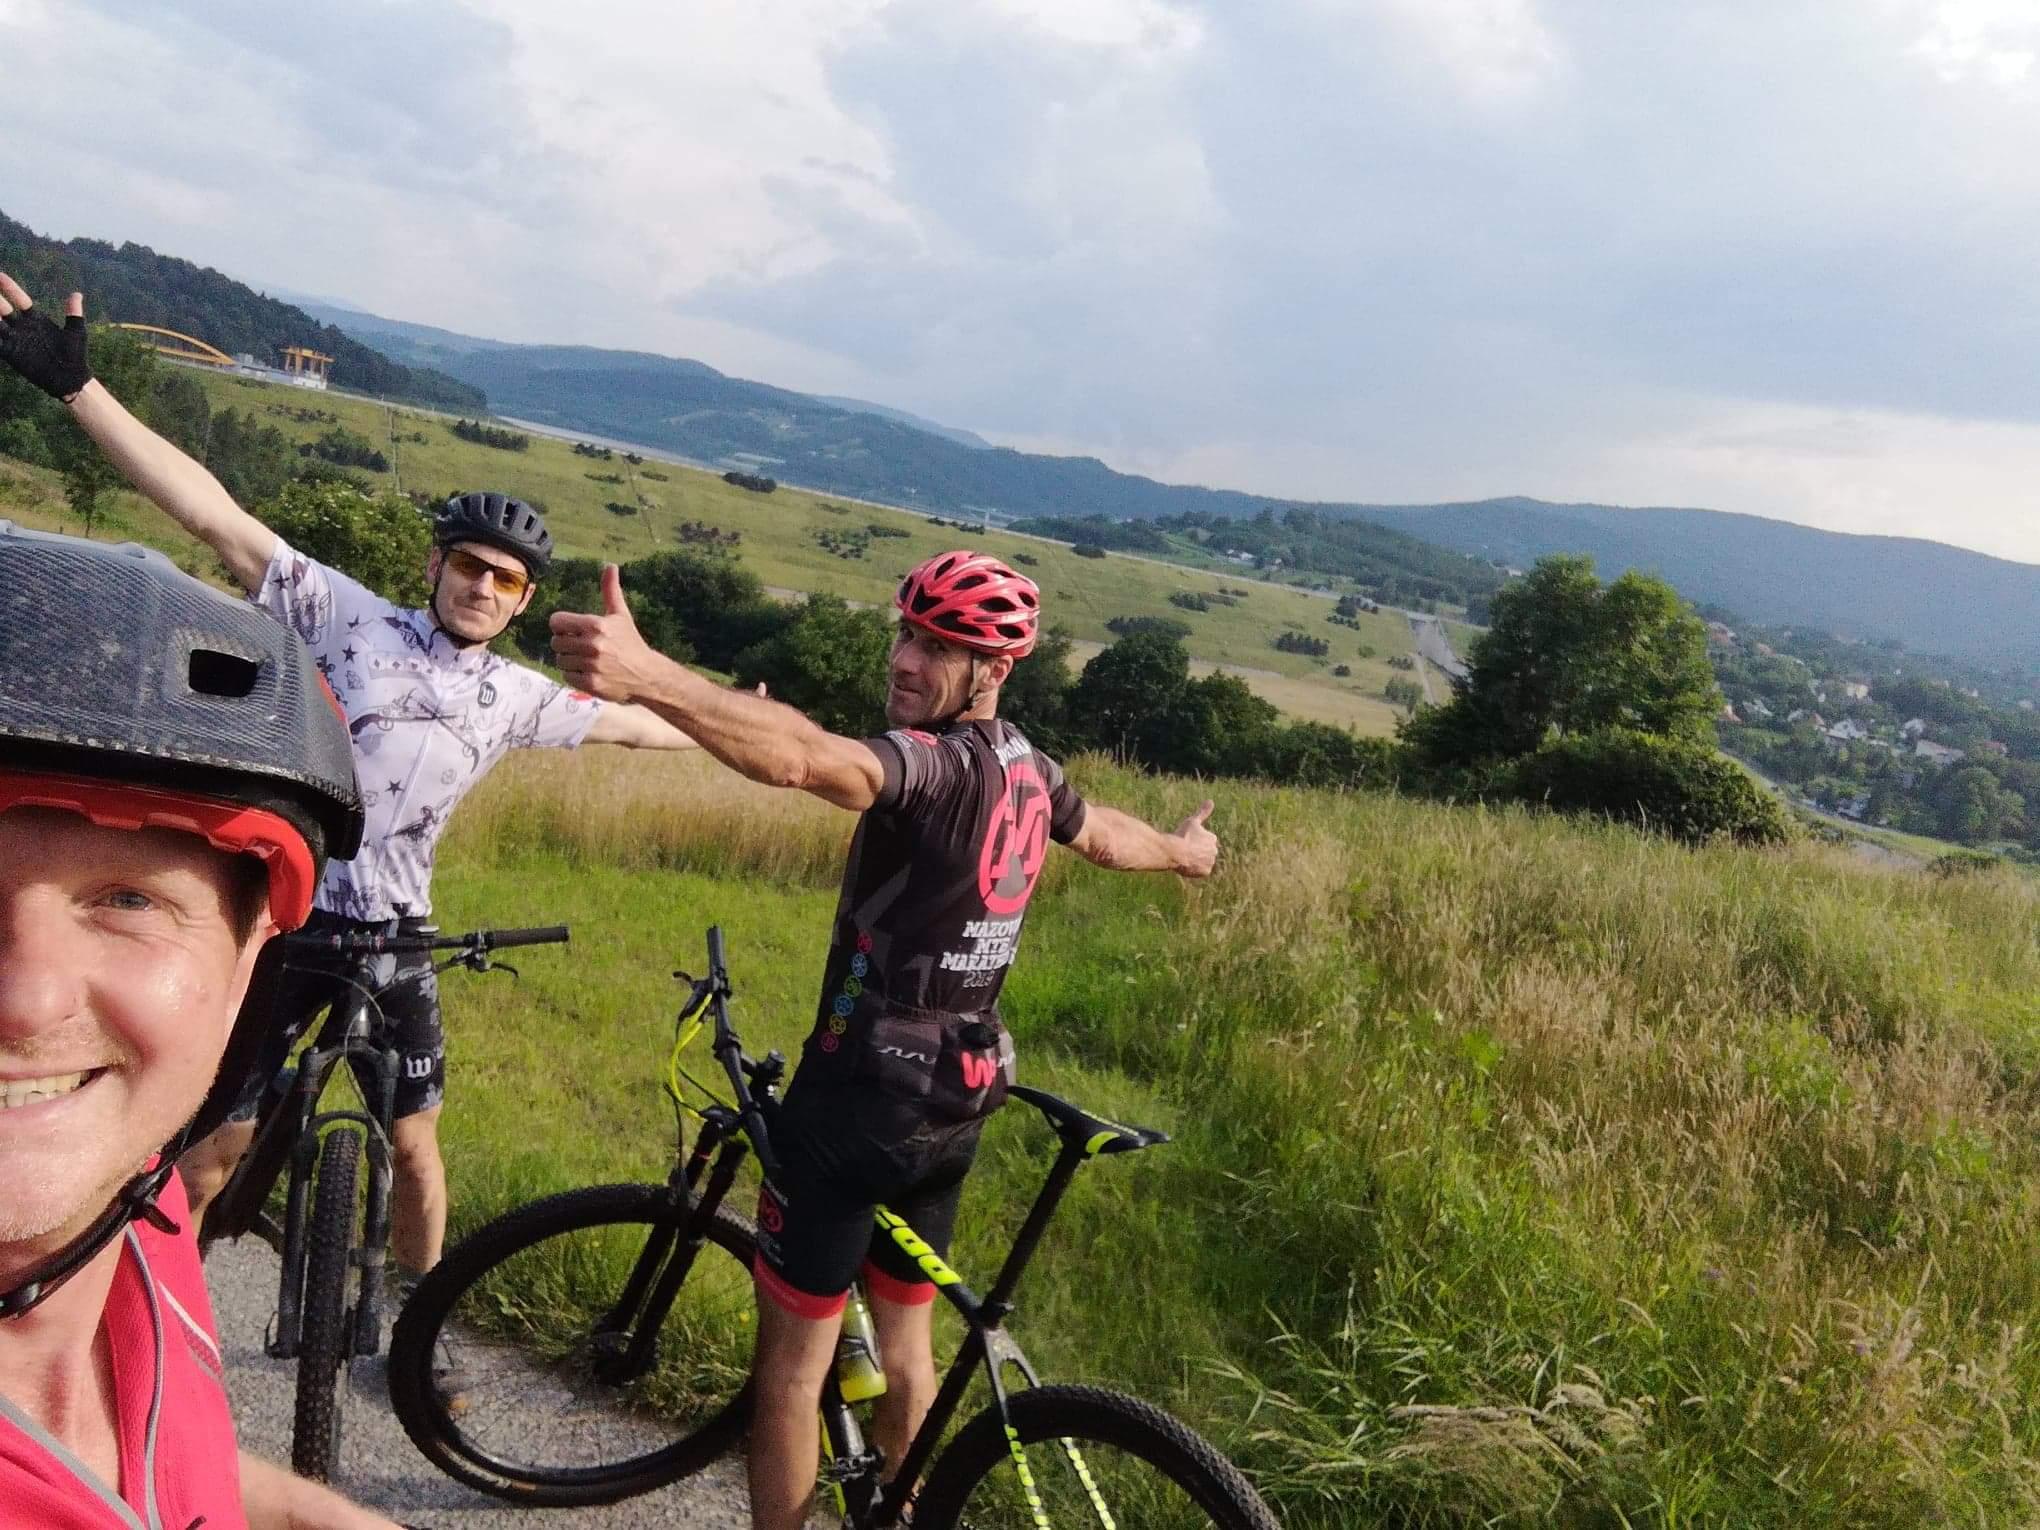 Górski wyścig kolarski już niebawem w Wadowicach